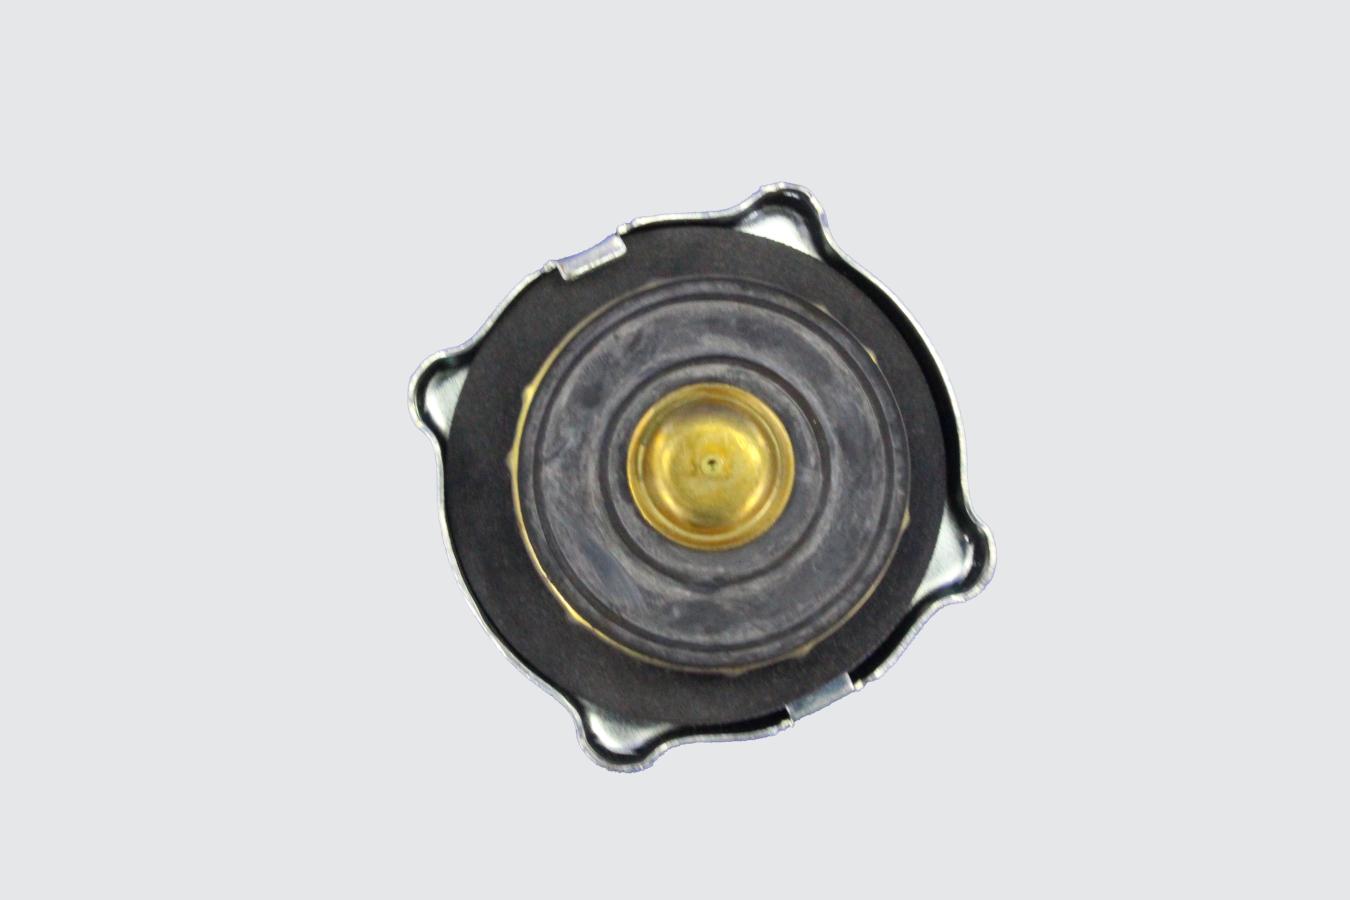 22078190-CAP, RADIATOR 15 PSI CLOSED SYSTEM